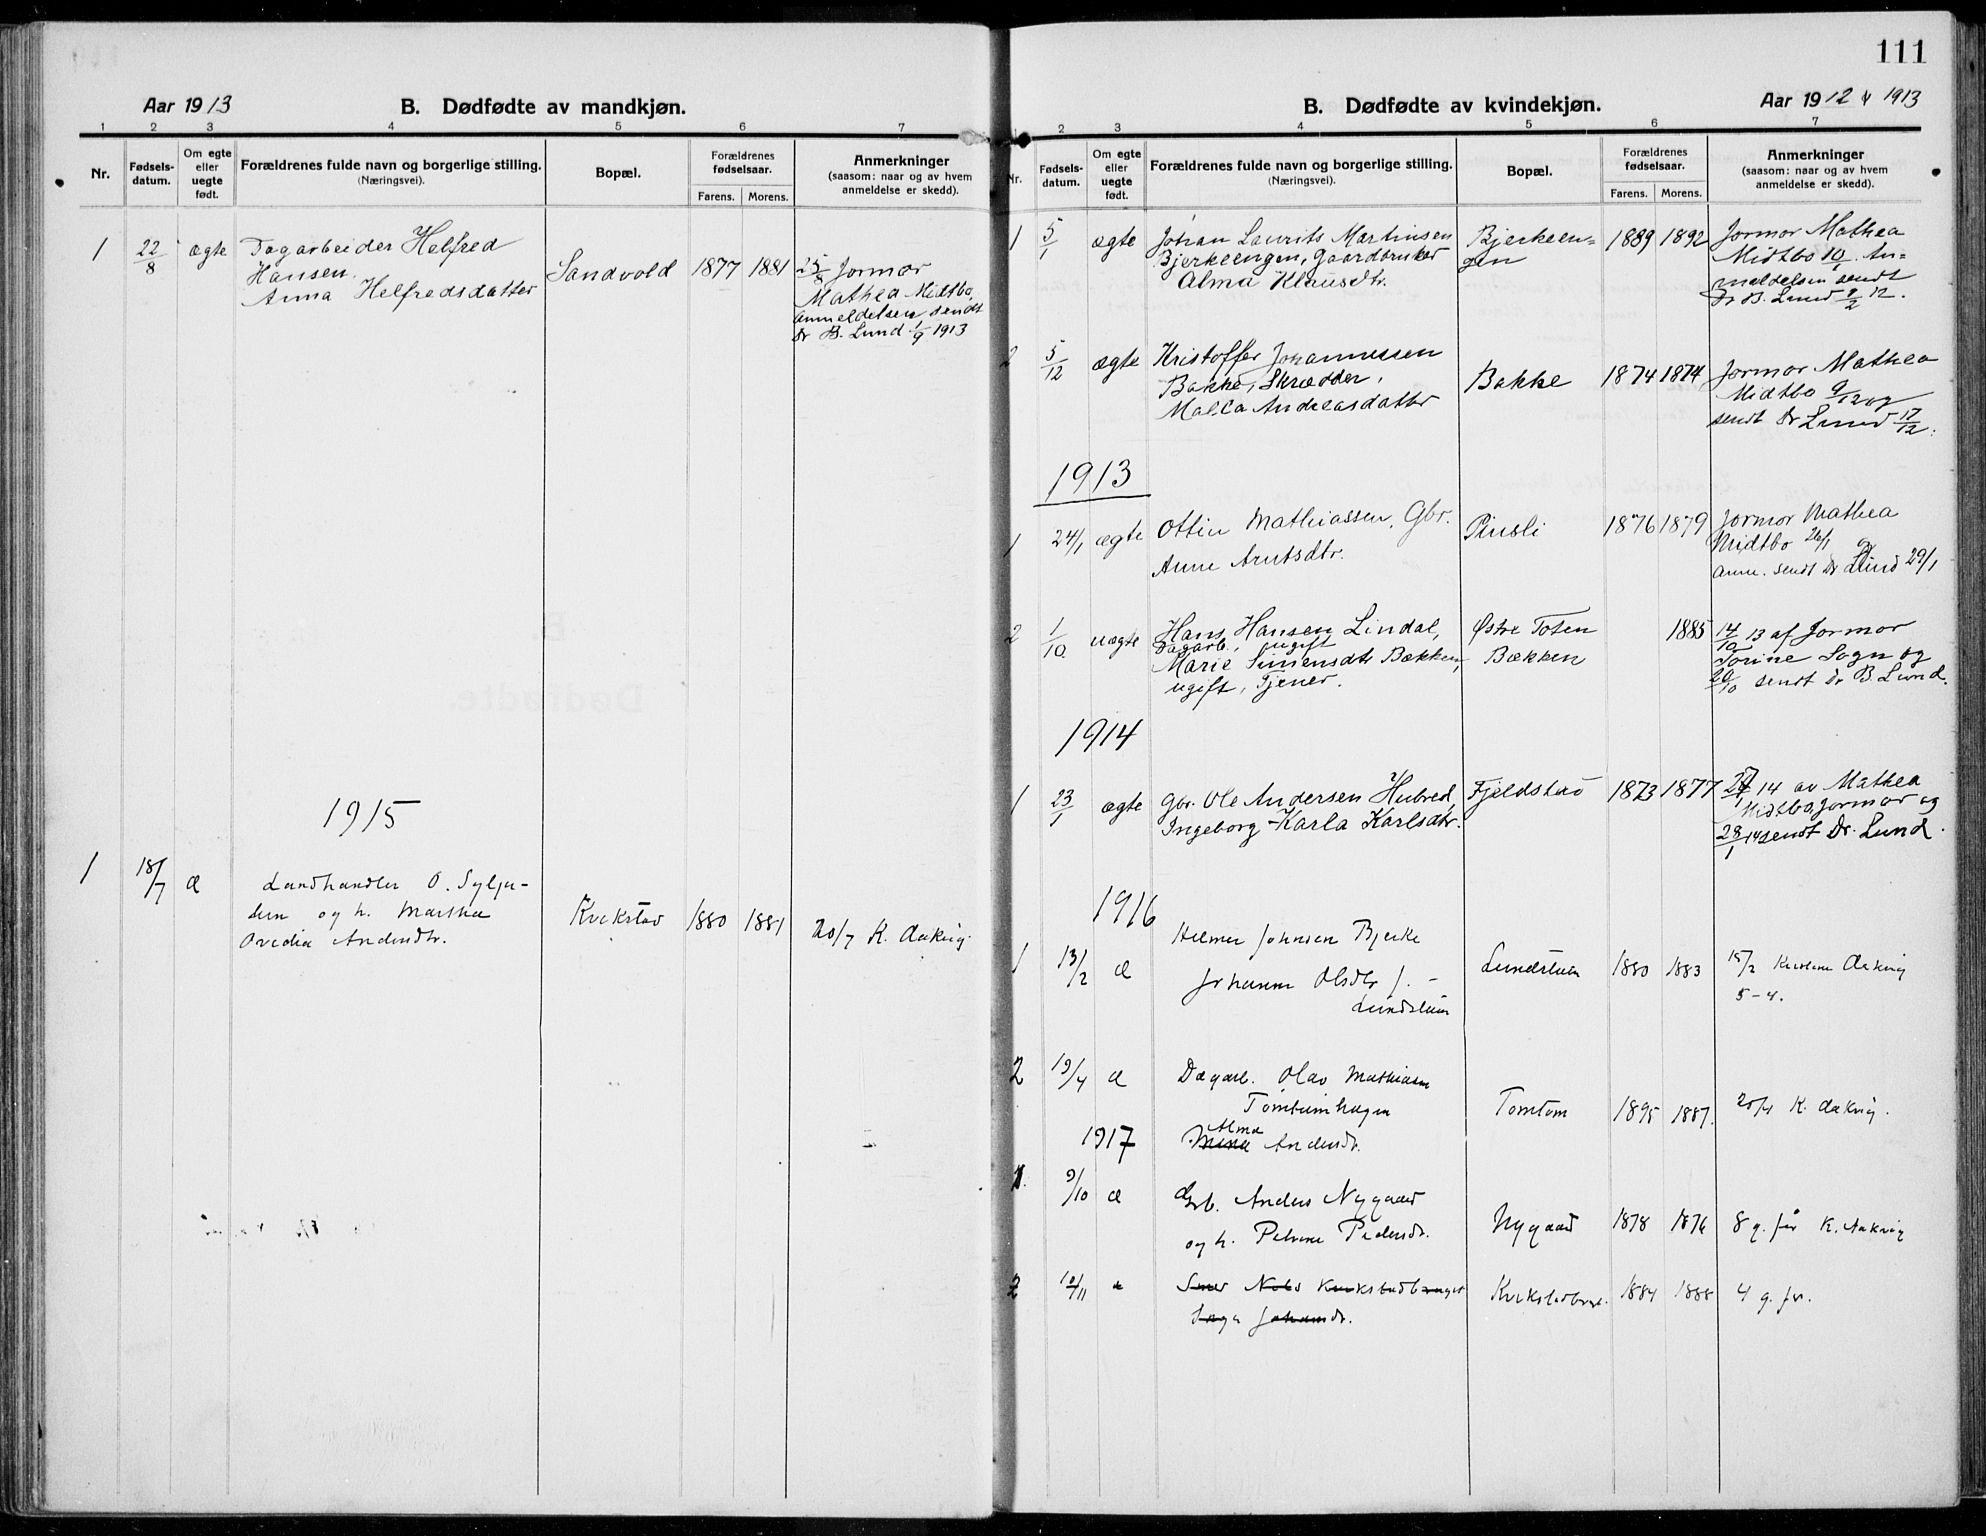 SAH, Kolbu prestekontor, Ministerialbok nr. 2, 1912-1926, s. 111